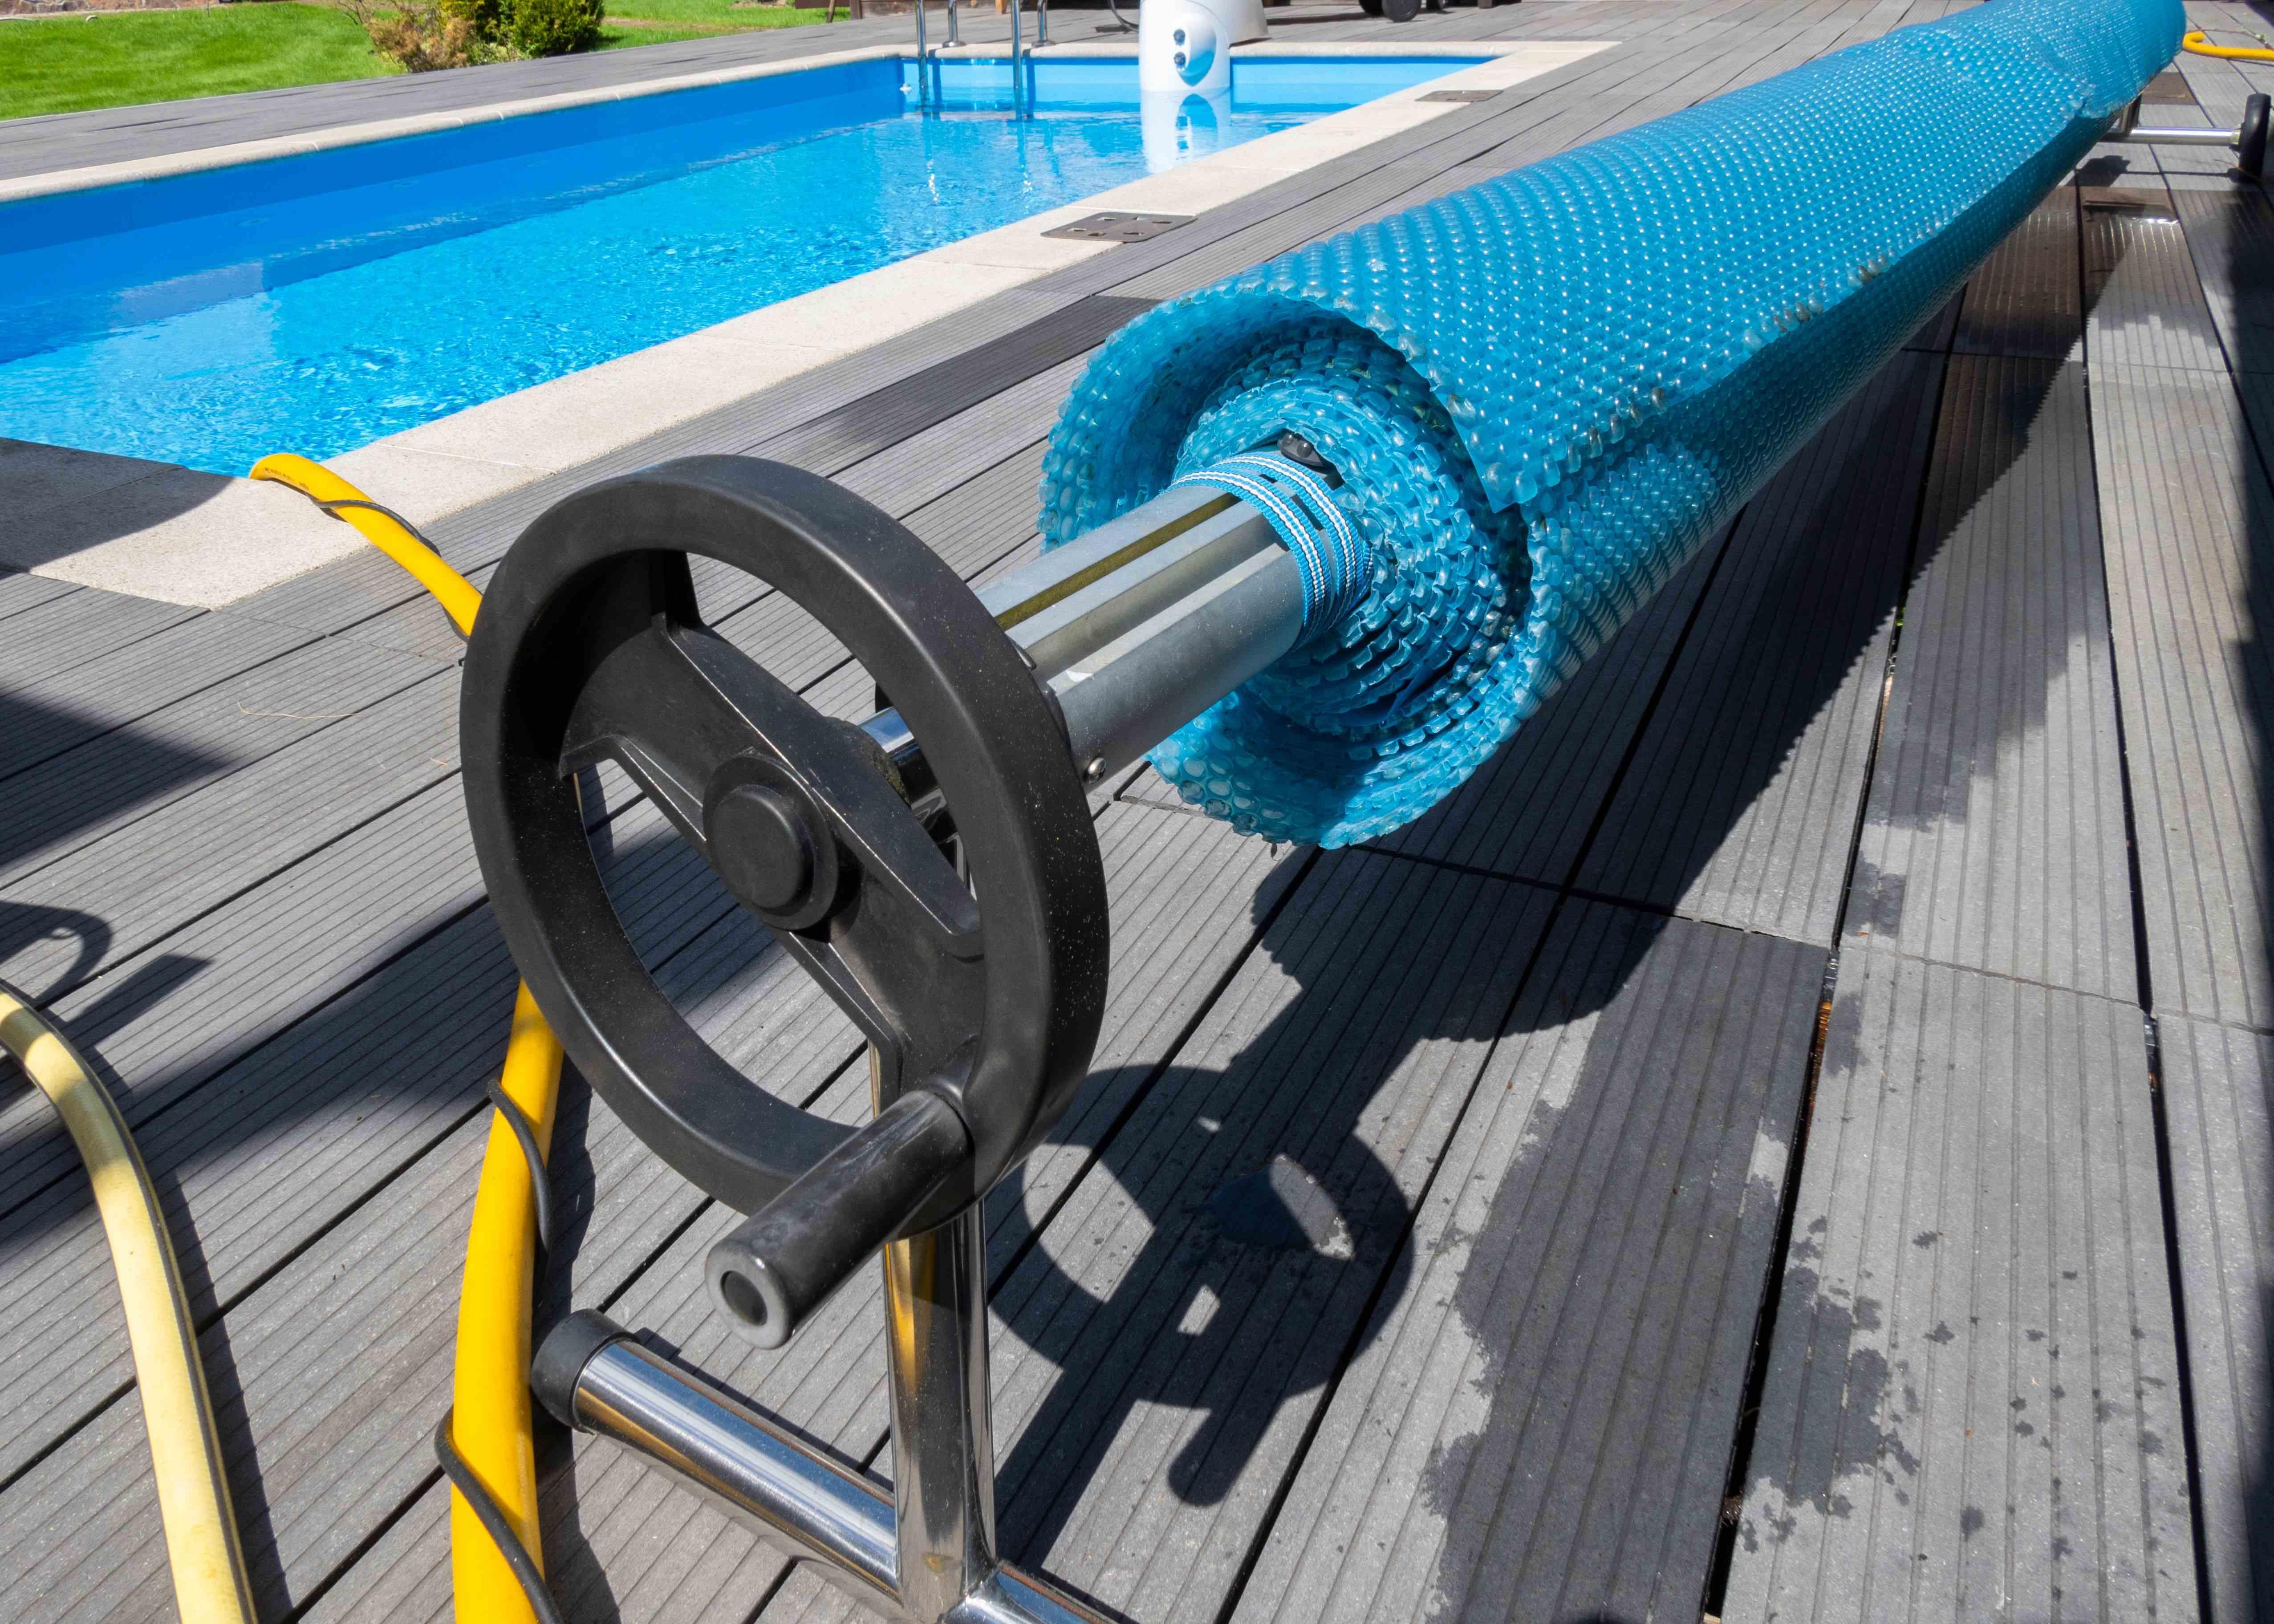 Enrouleur de bâche de piscine : comment choisir